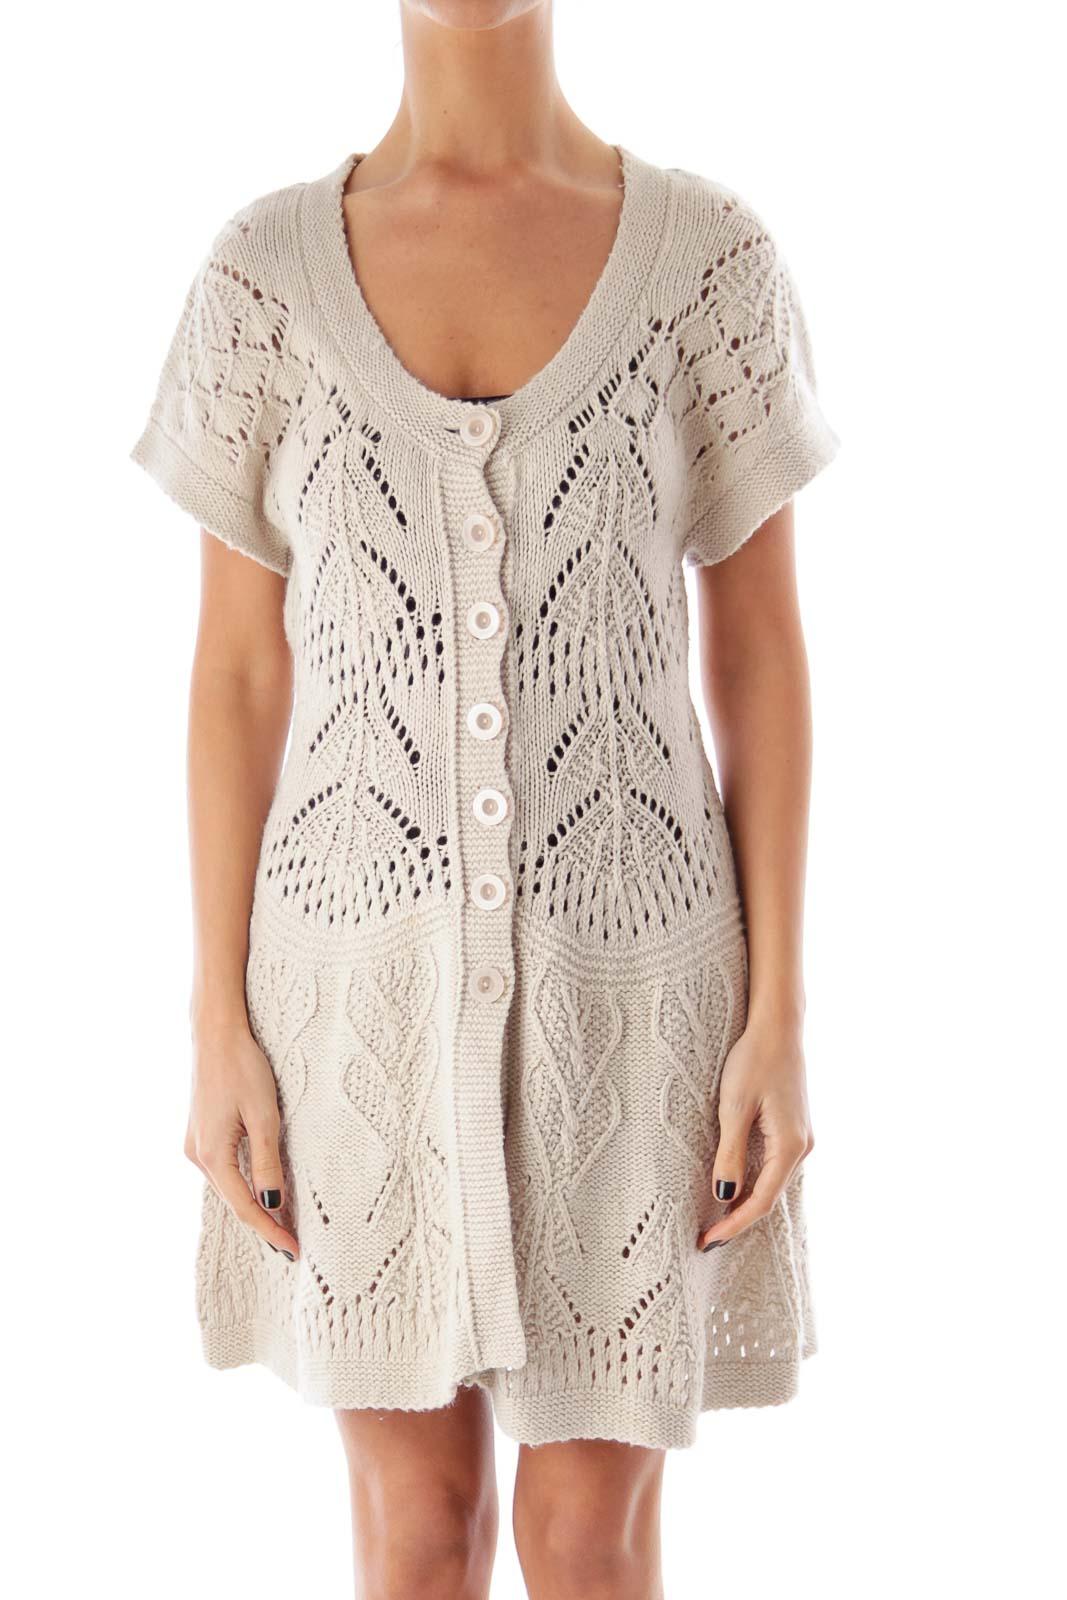 Beige Crochet Mini Dress Front